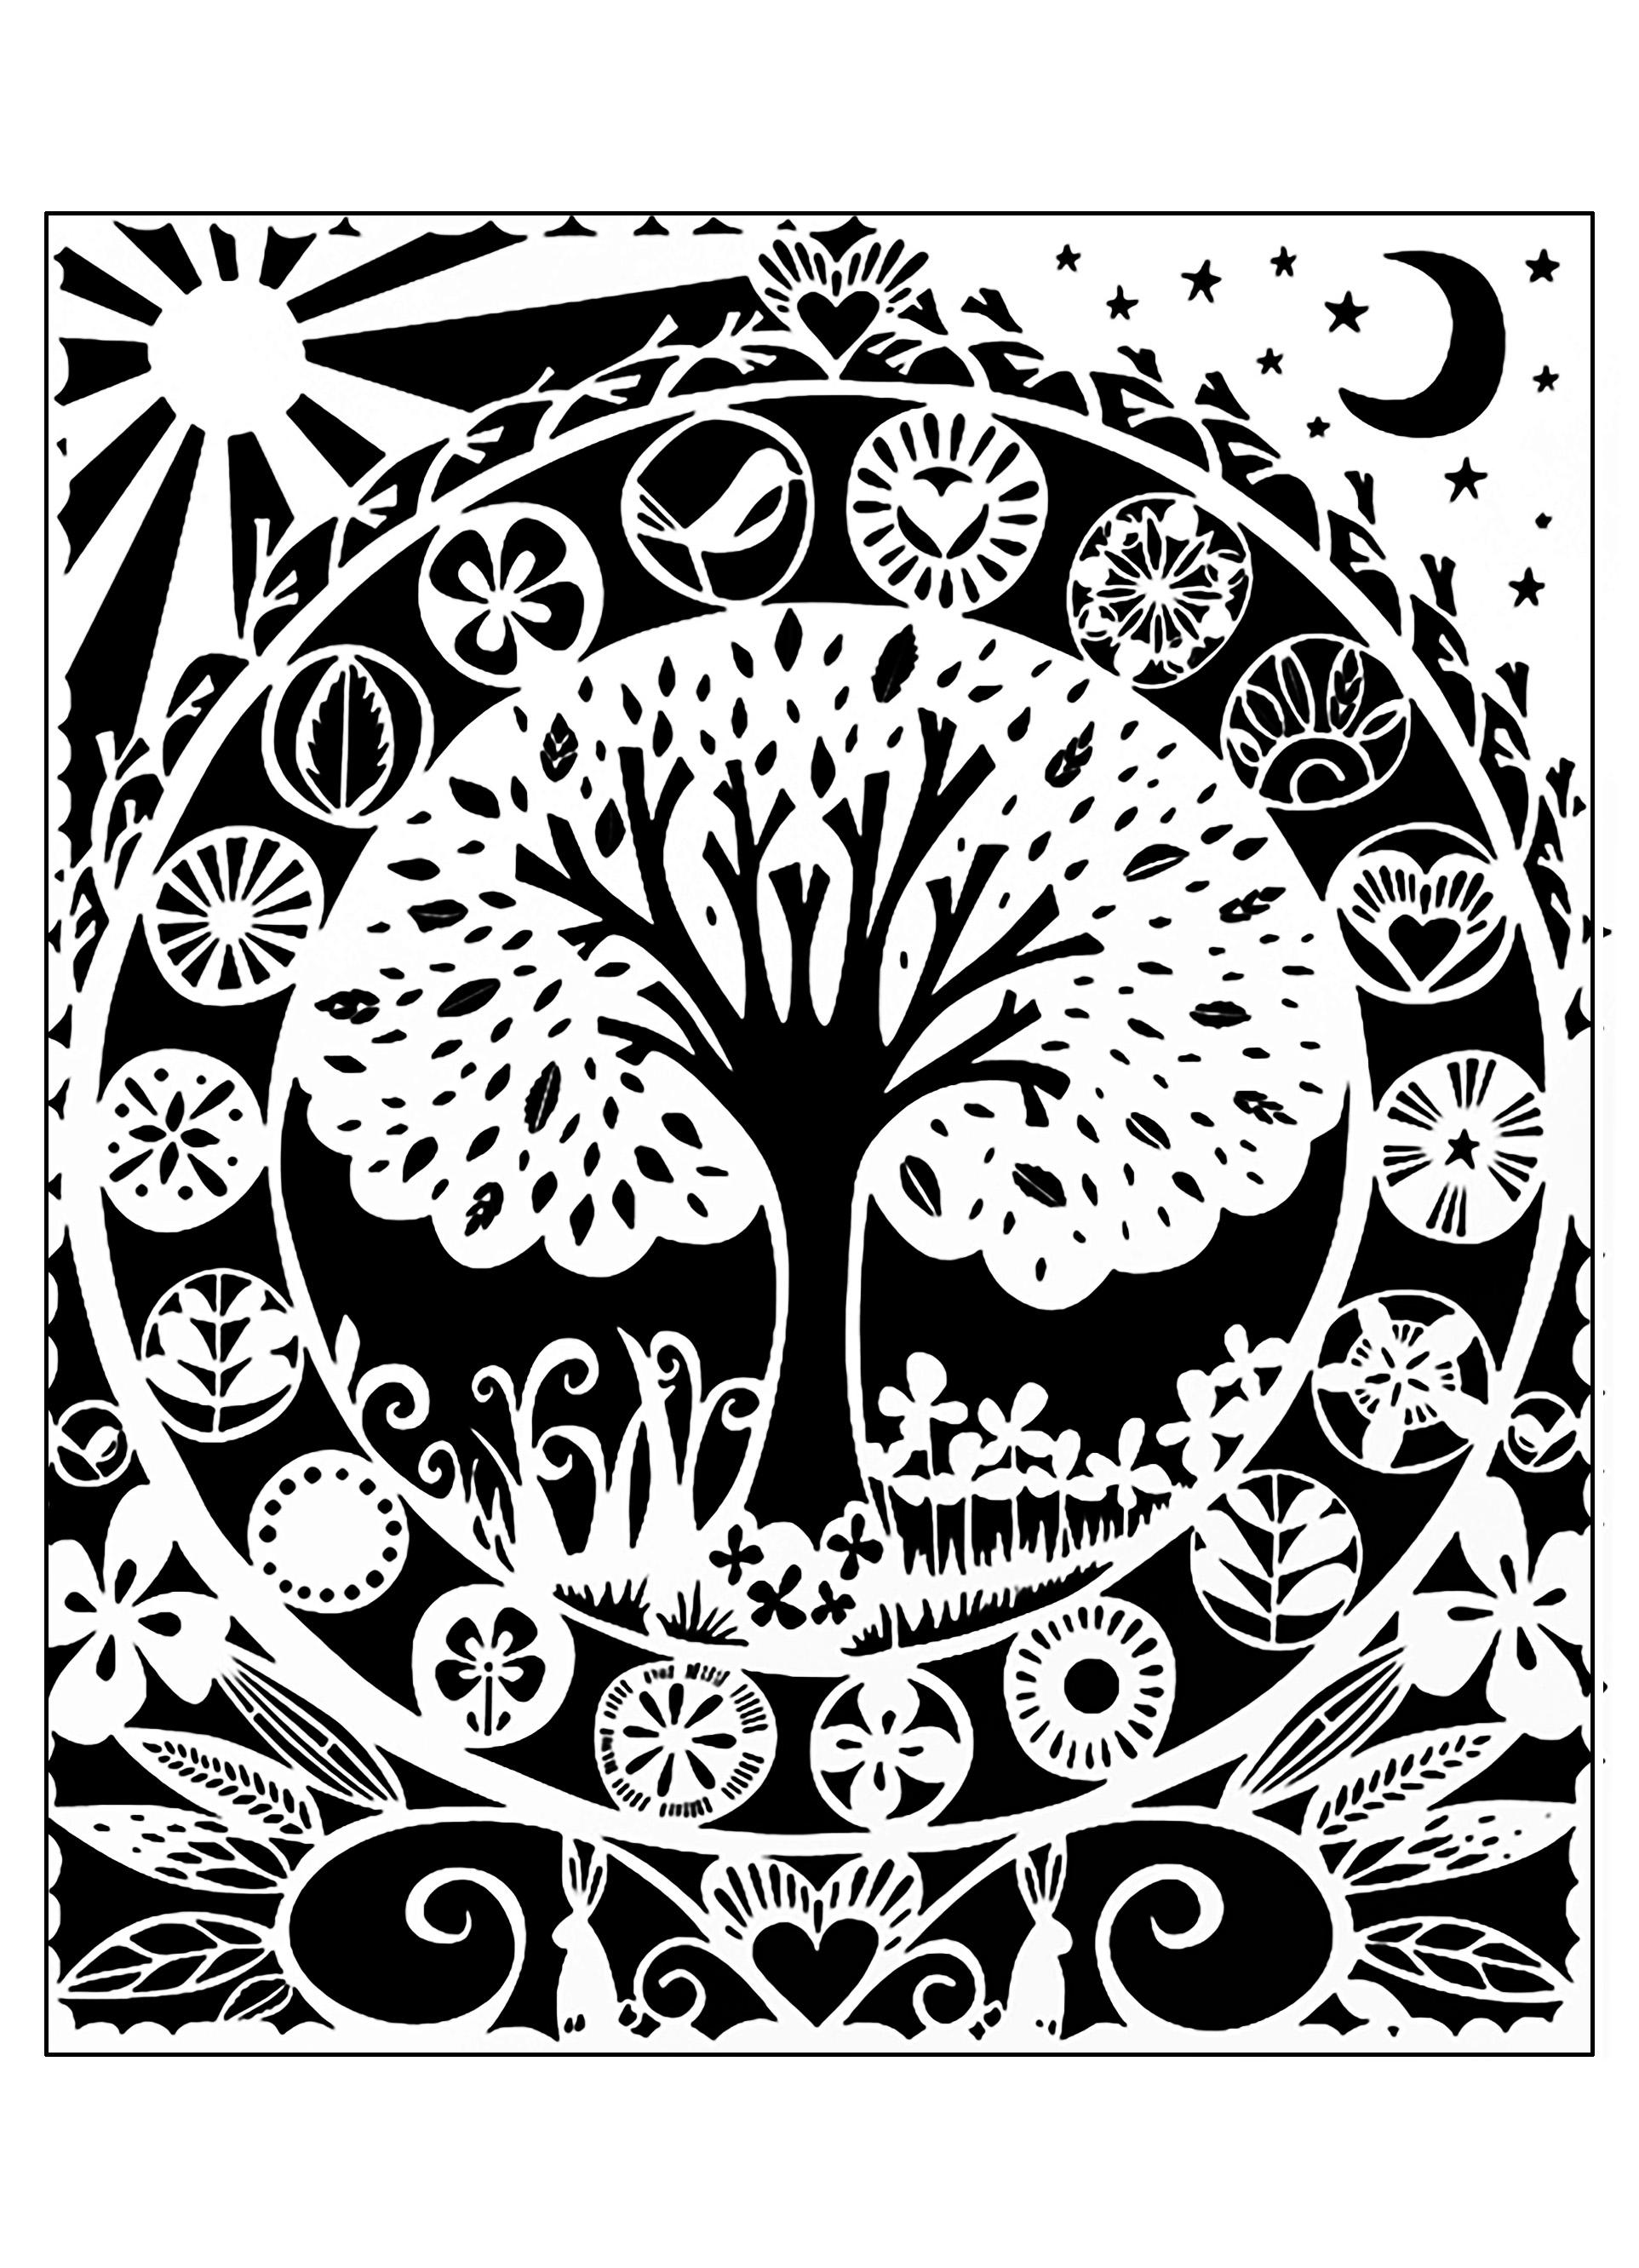 Pour Arbre Noir Blanc Gratuit A Imprimer Coloriage Adulte